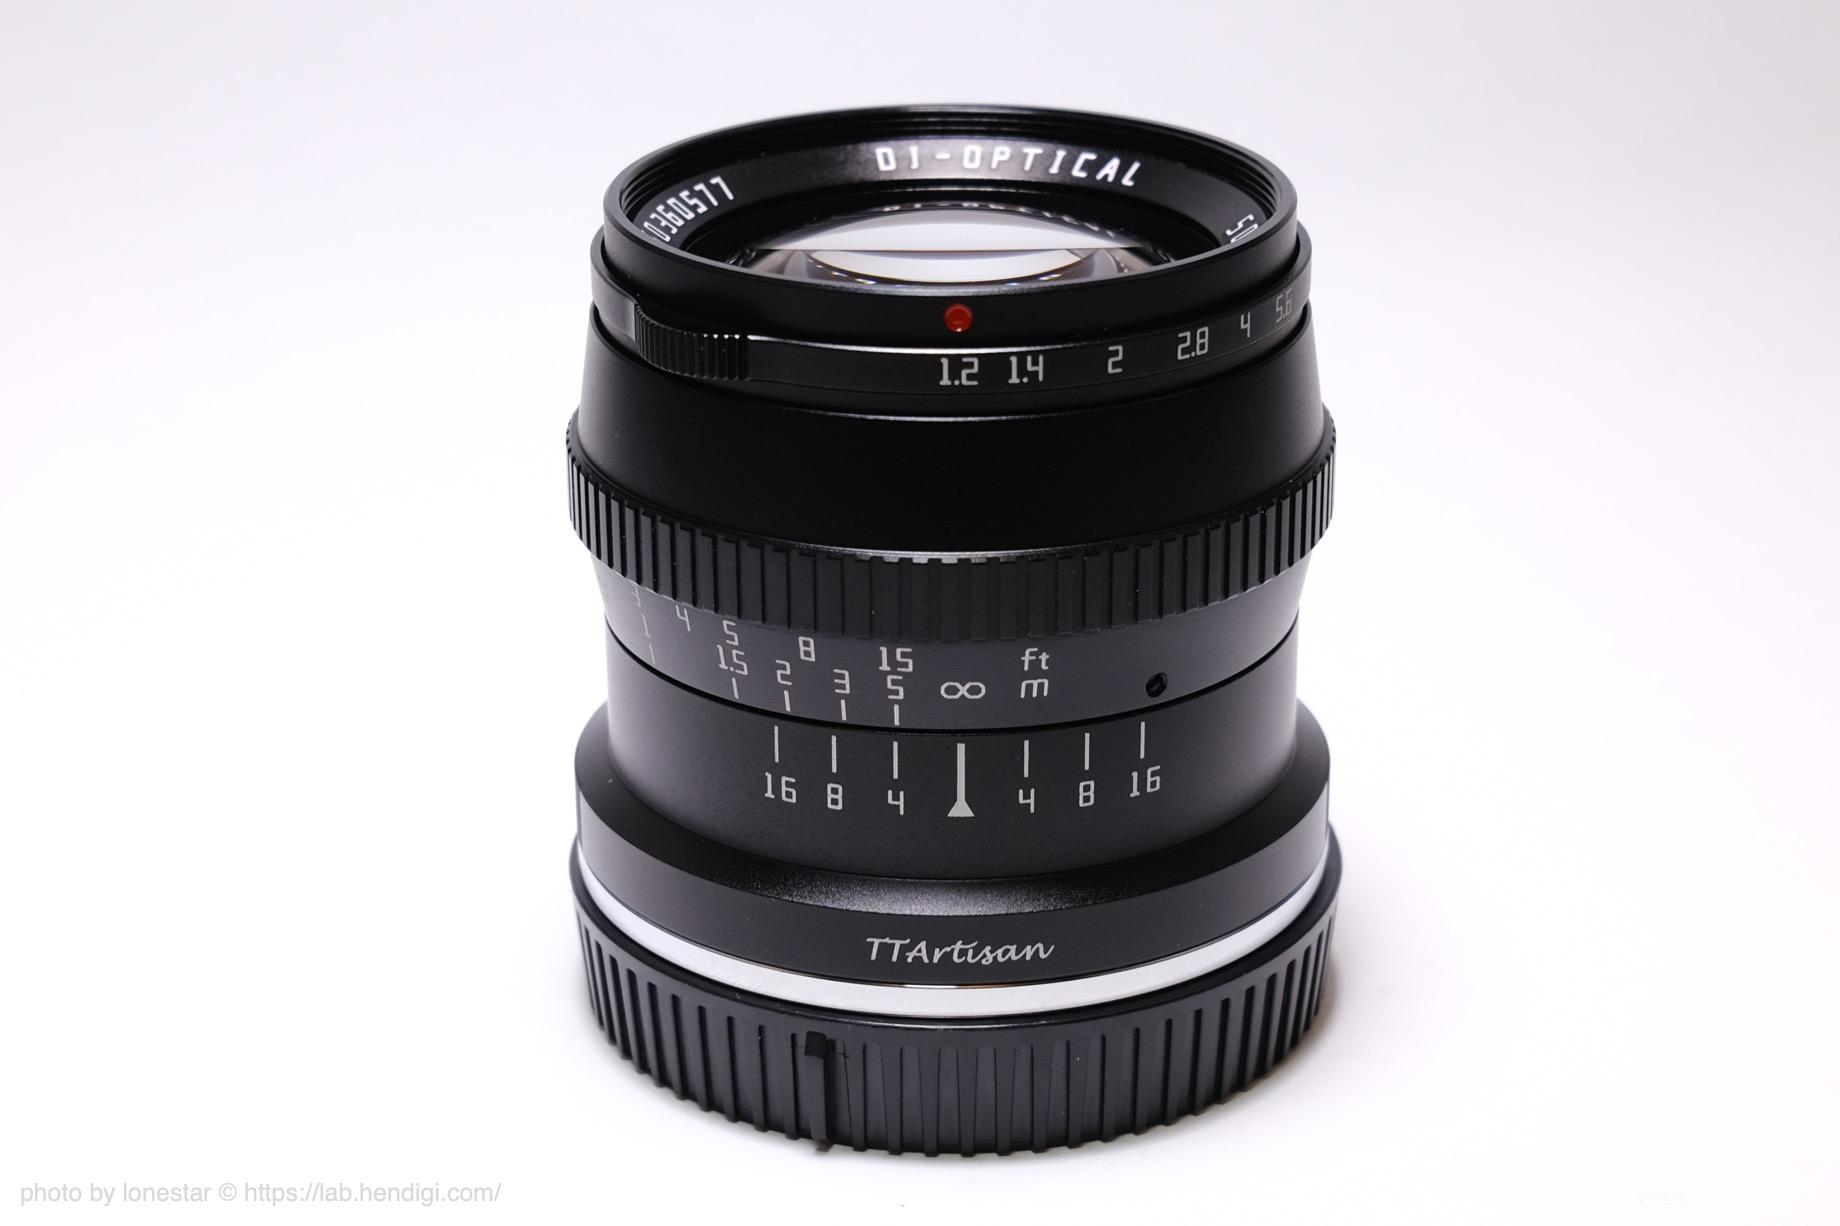 TTArtisan 50mm f/1.2